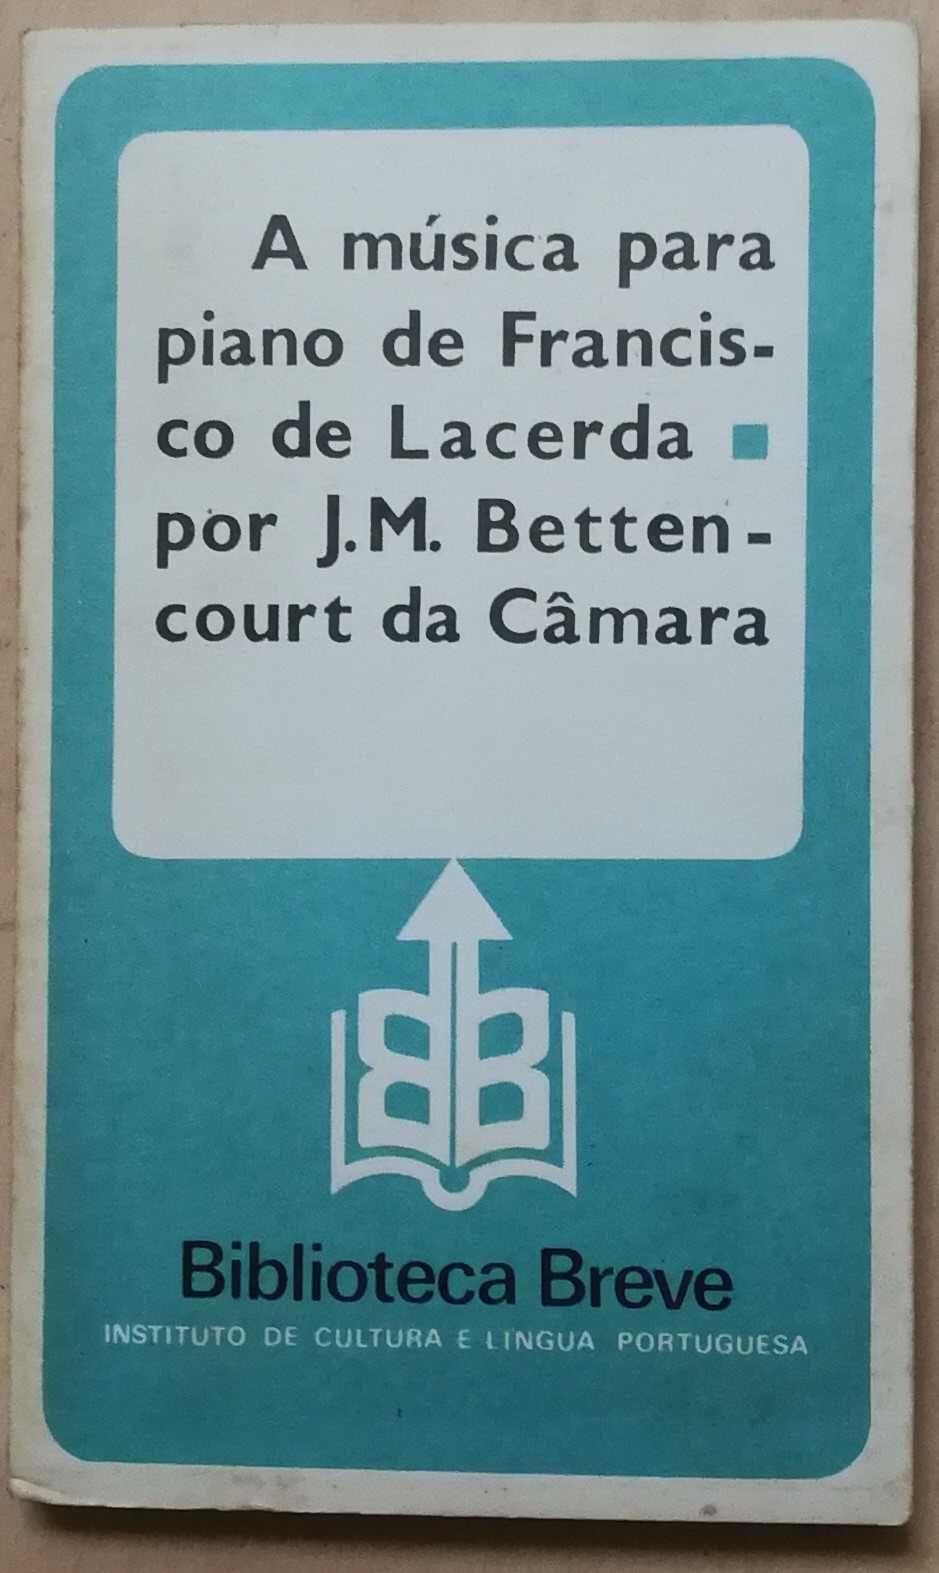 a música para piano de francisco de lacerda, j.m. bettencourt câmara